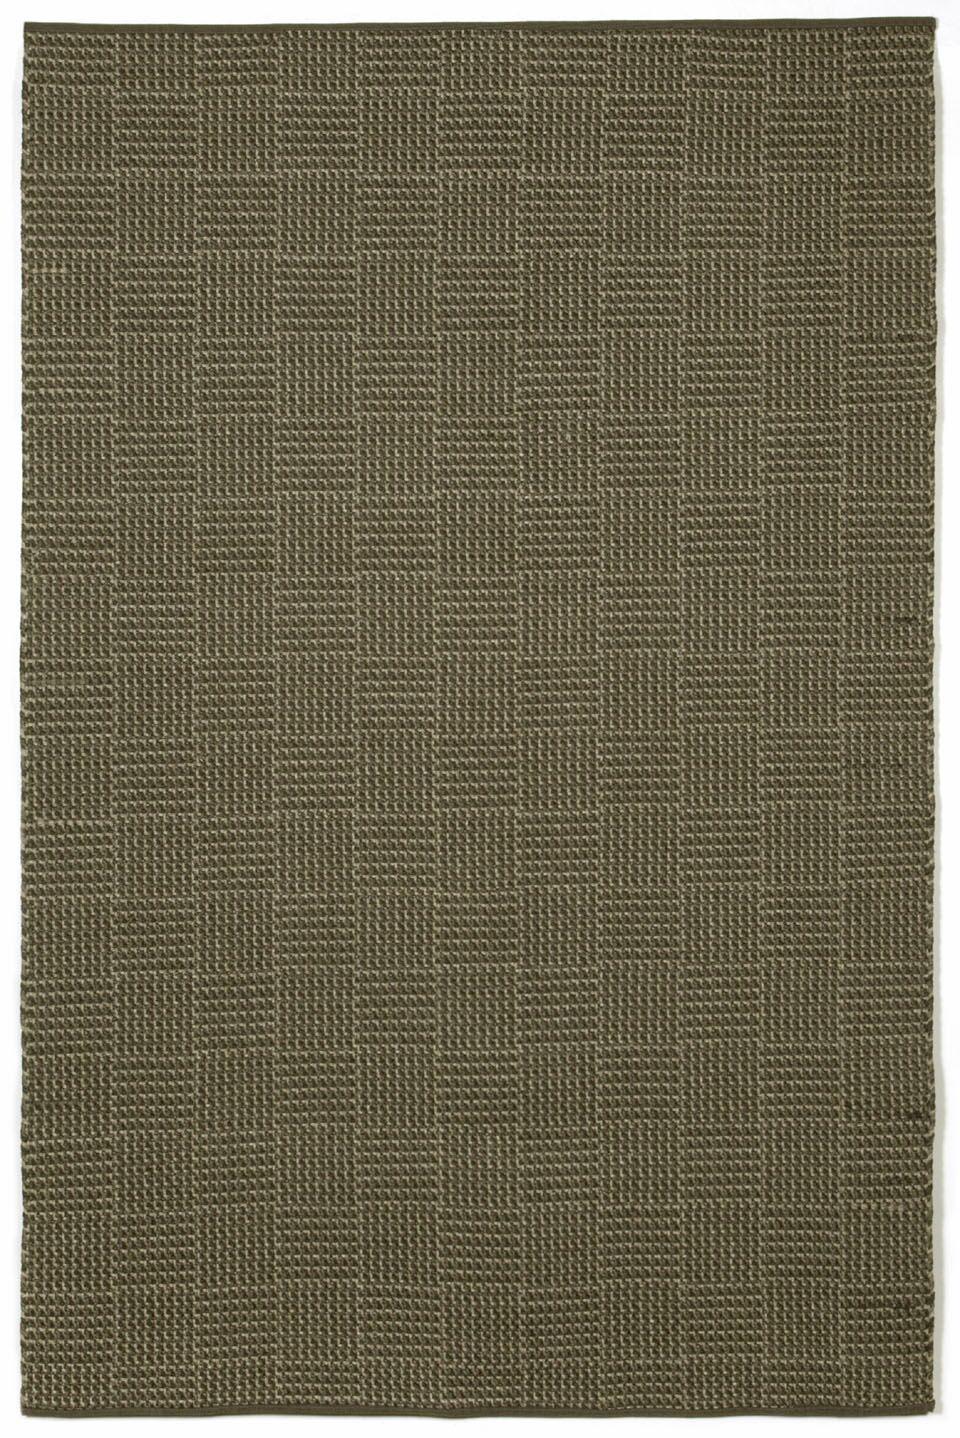 Chesapeake Charcoal Tweed Area Rug Rug Size: Rectangle 8'3